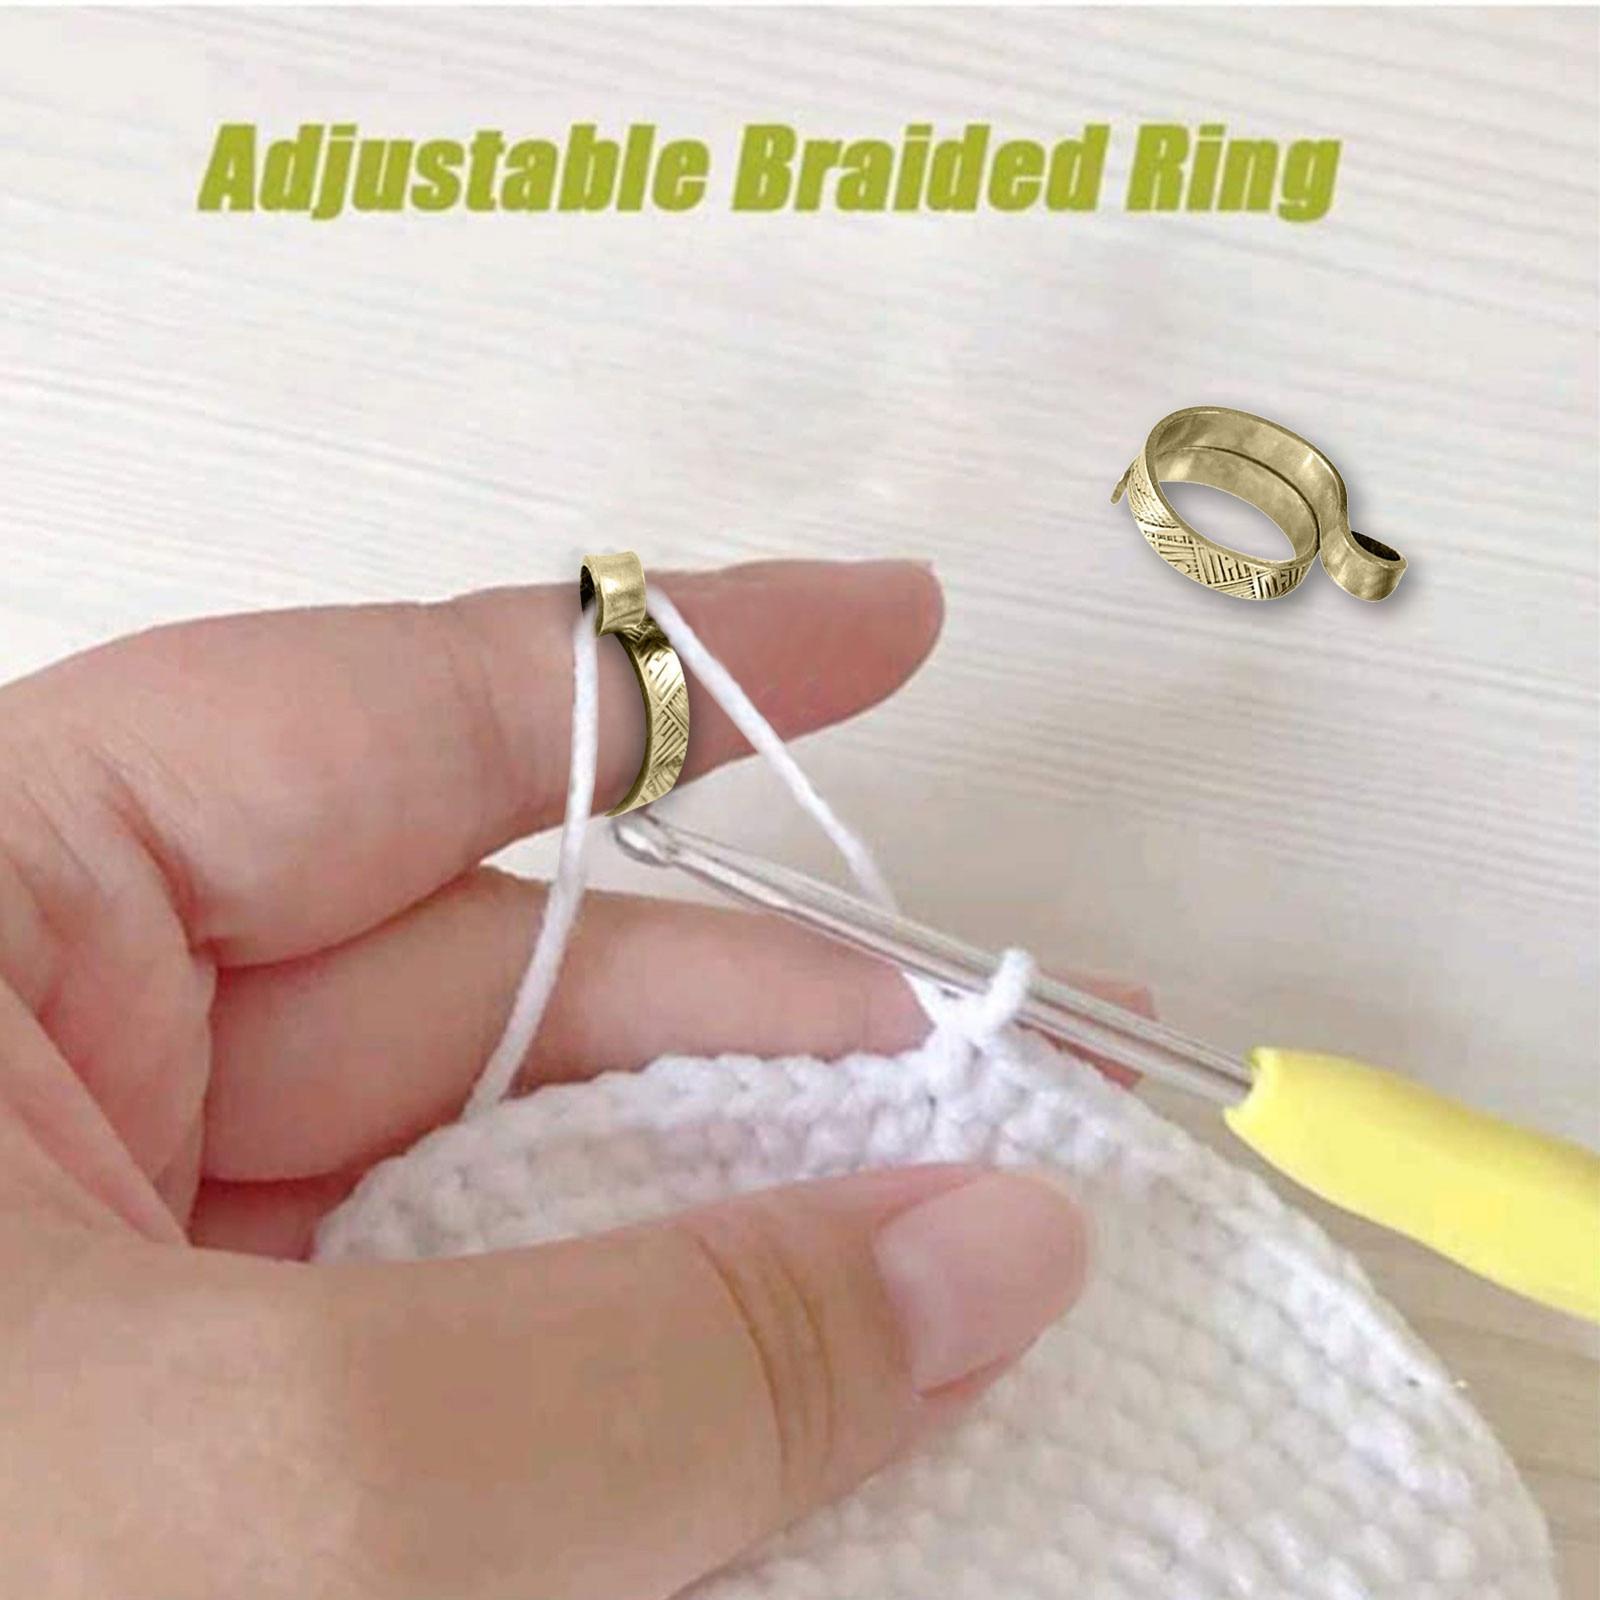 Boucle de tricot réglable, Crochet, accessoires de tricot, anneau de tricot réglable, Design créatif, livraison rapide